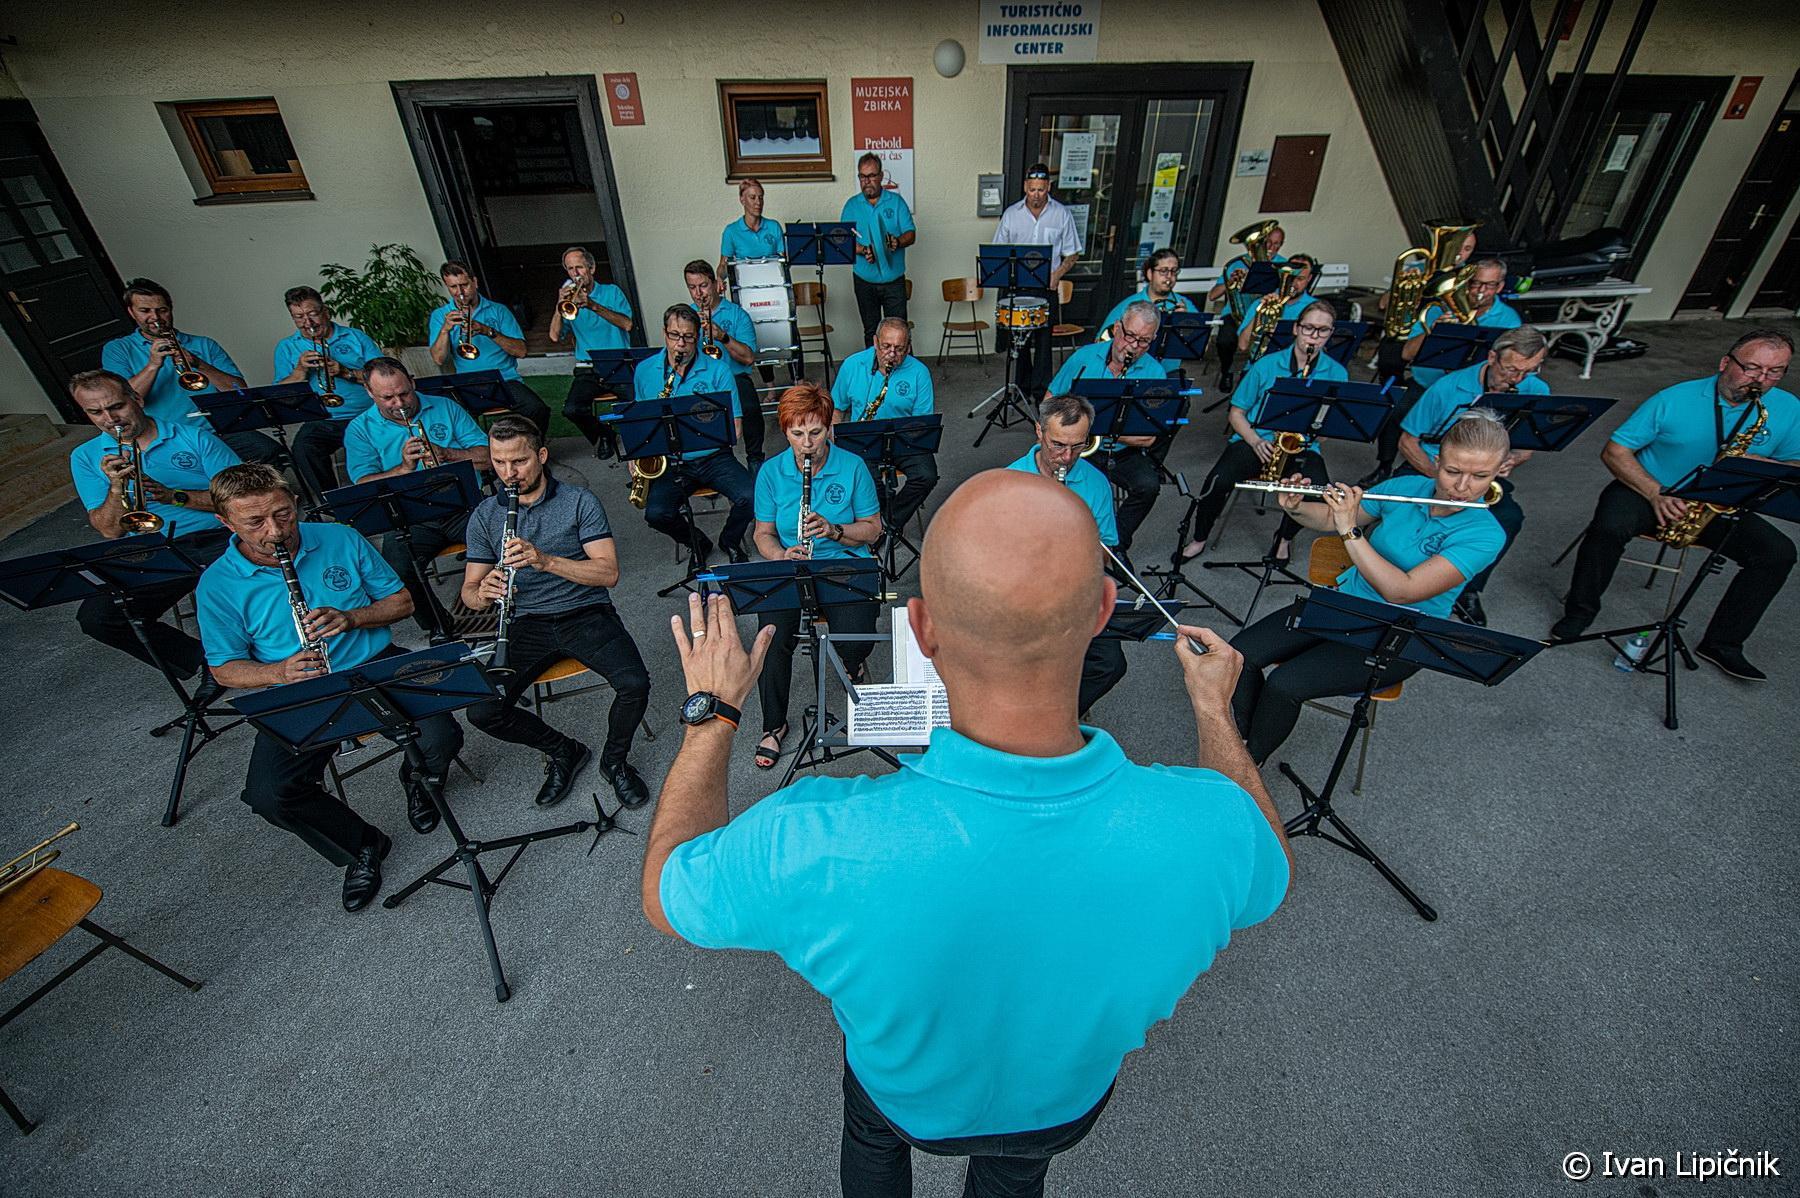 GALERIJA DOGODKOV: Letni koncert Pihalnega orkestra Prebold, 24. junij 2021 ( FOTO: Ivan Lipičnik )